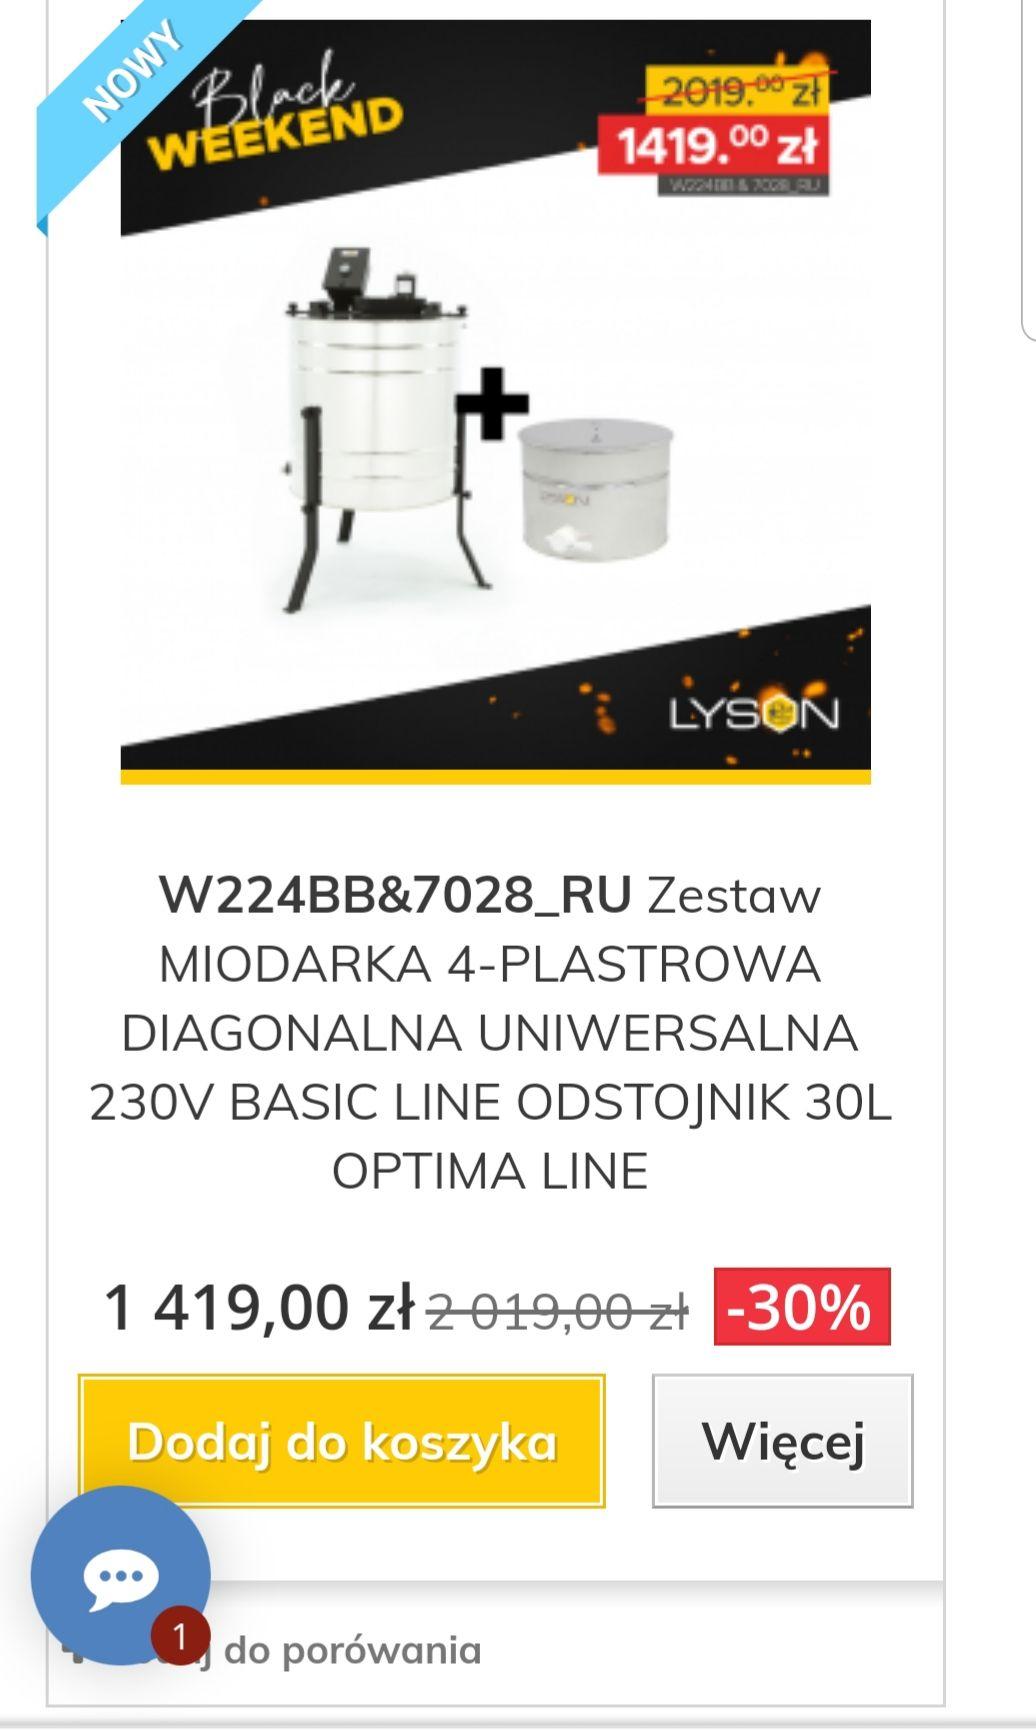 Miodarka 4-plastrowa uniwersalna 230V Basic line